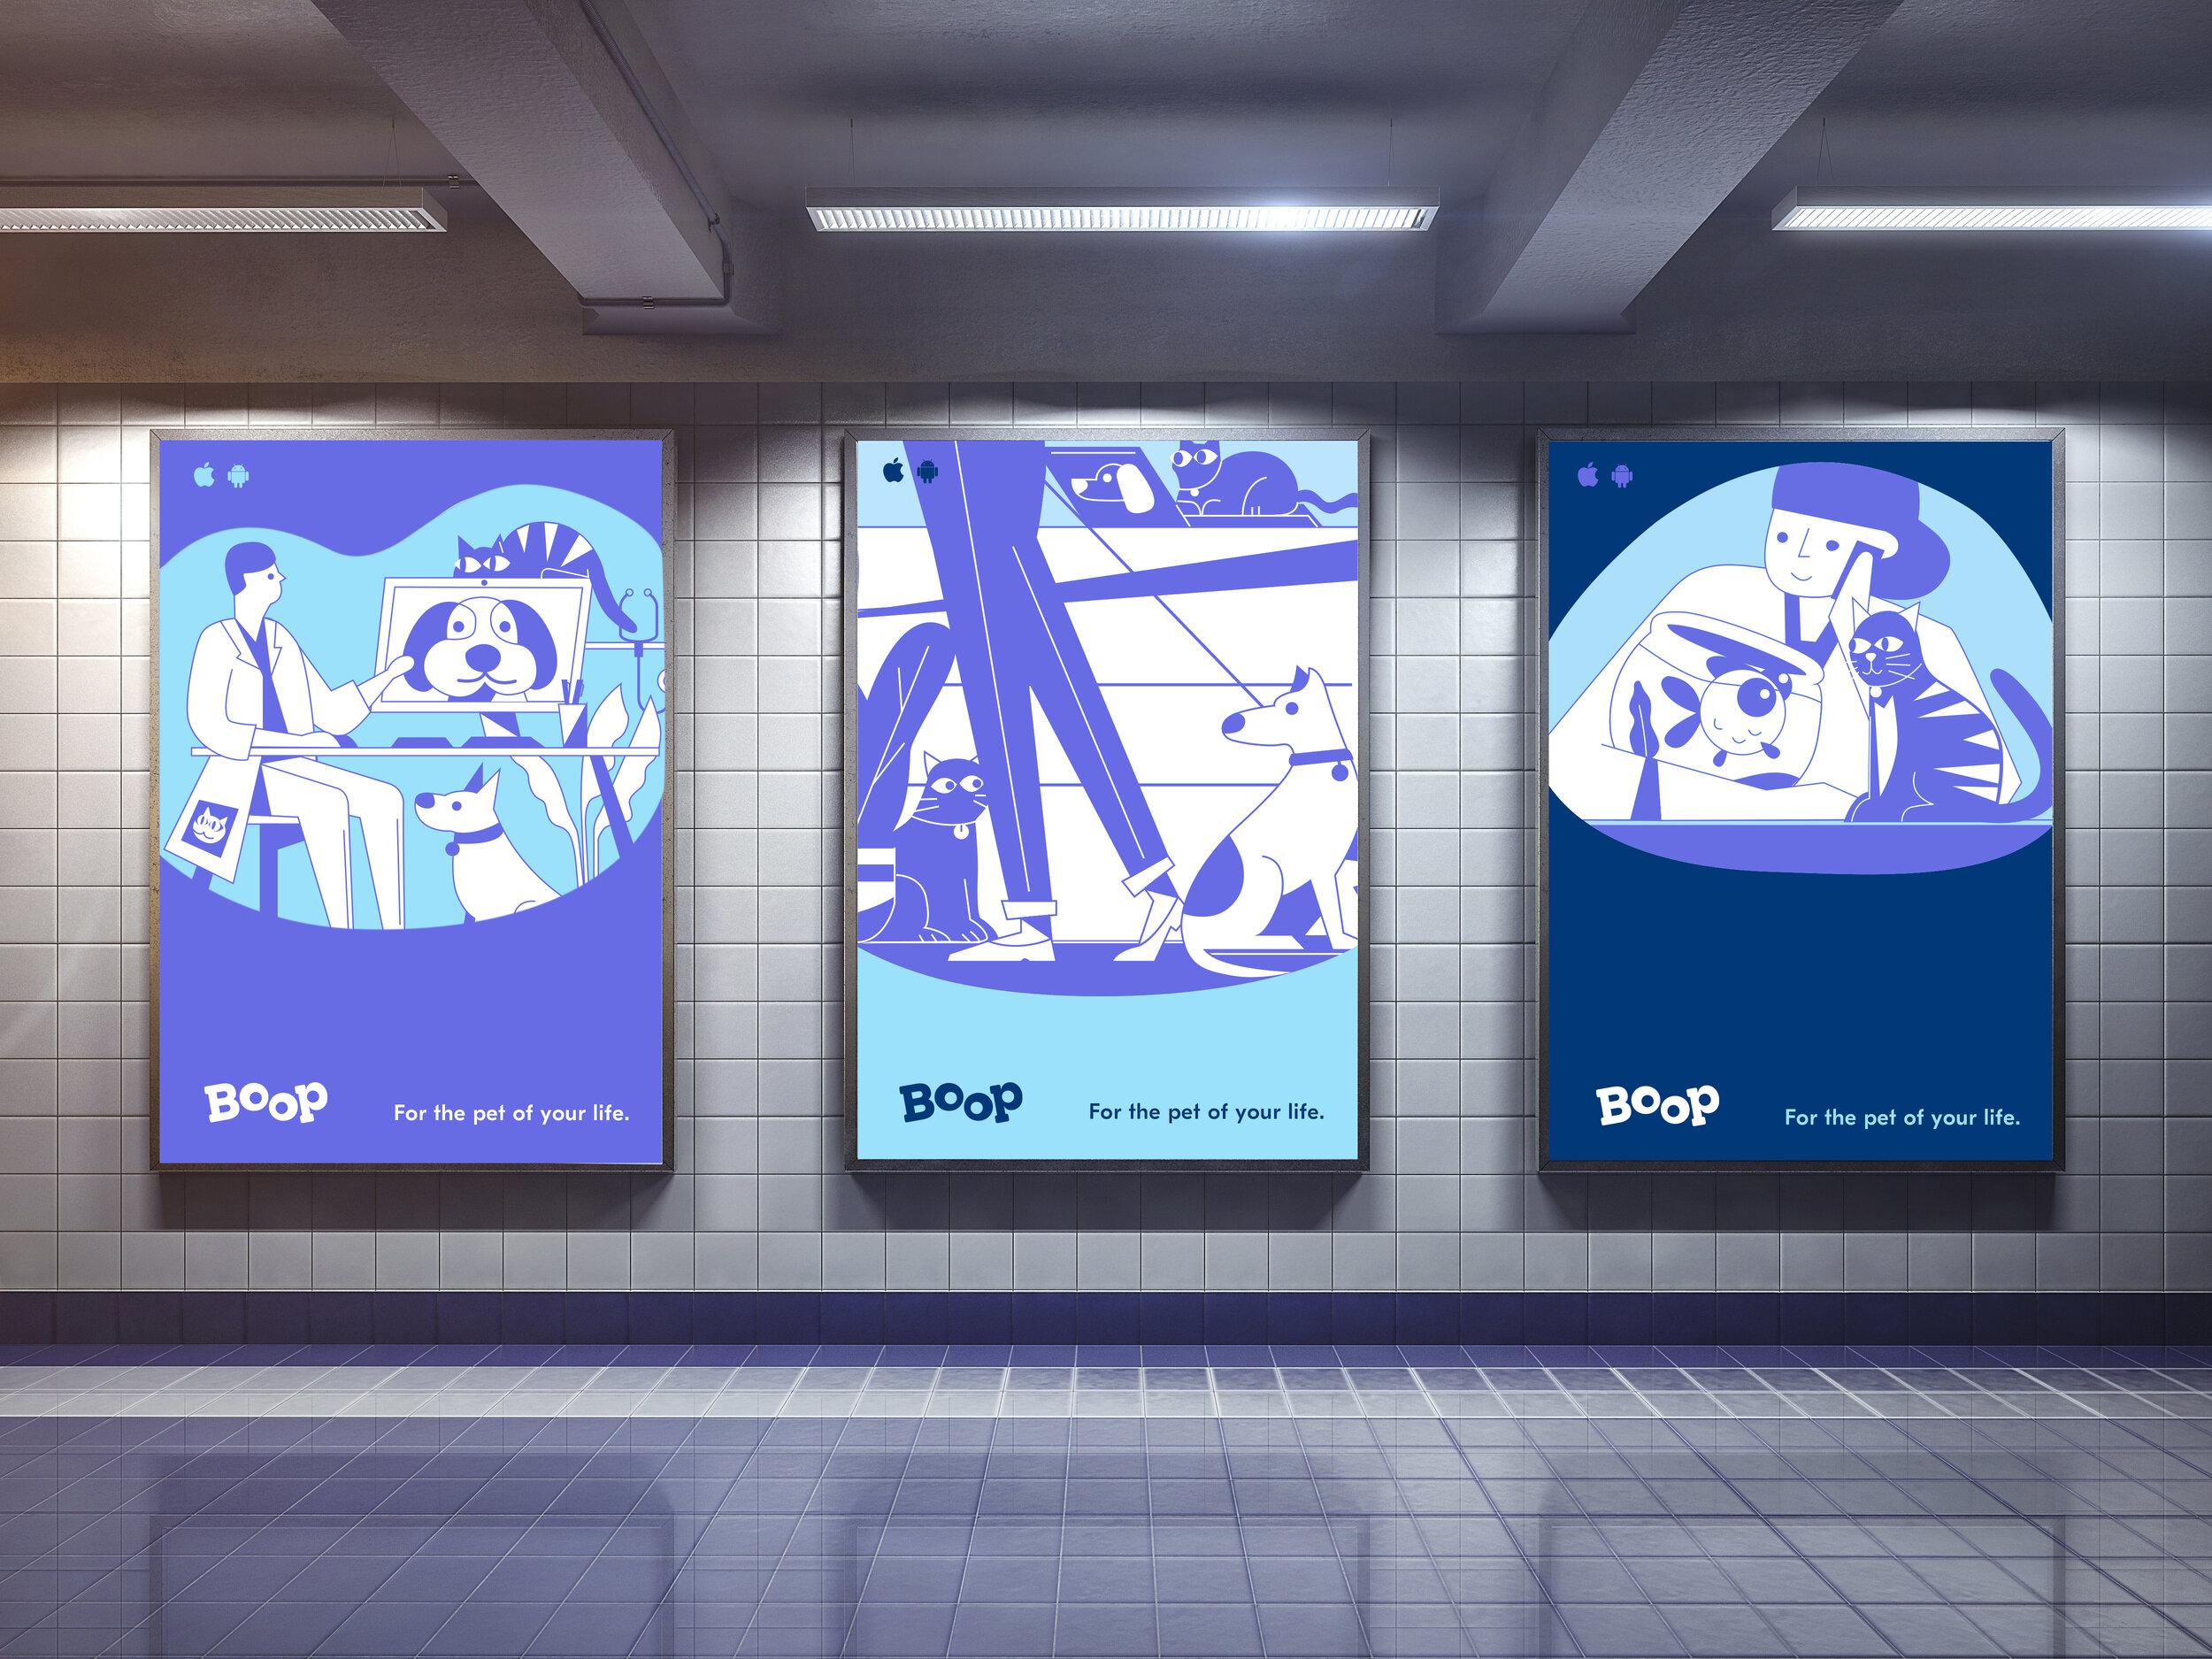 boop_subway_ad_1.jpg